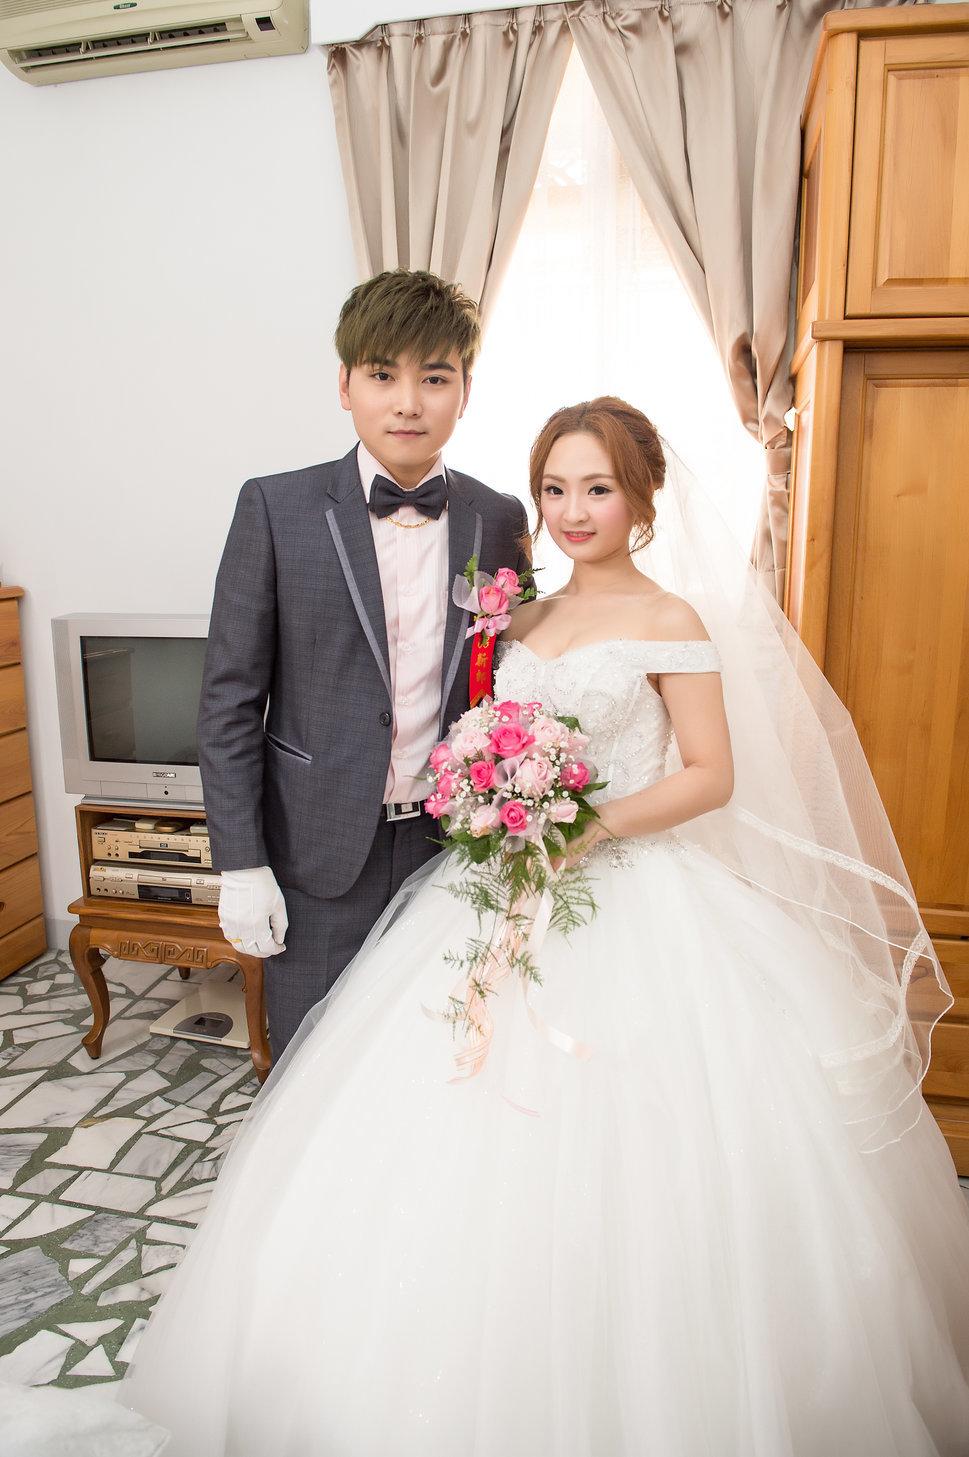 [台北婚攝] 訂婚迎娶儀式@樹林雙岩龍鳳城(編號:432300) - LoveStoryAllen IMAGE - 結婚吧一站式婚禮服務平台